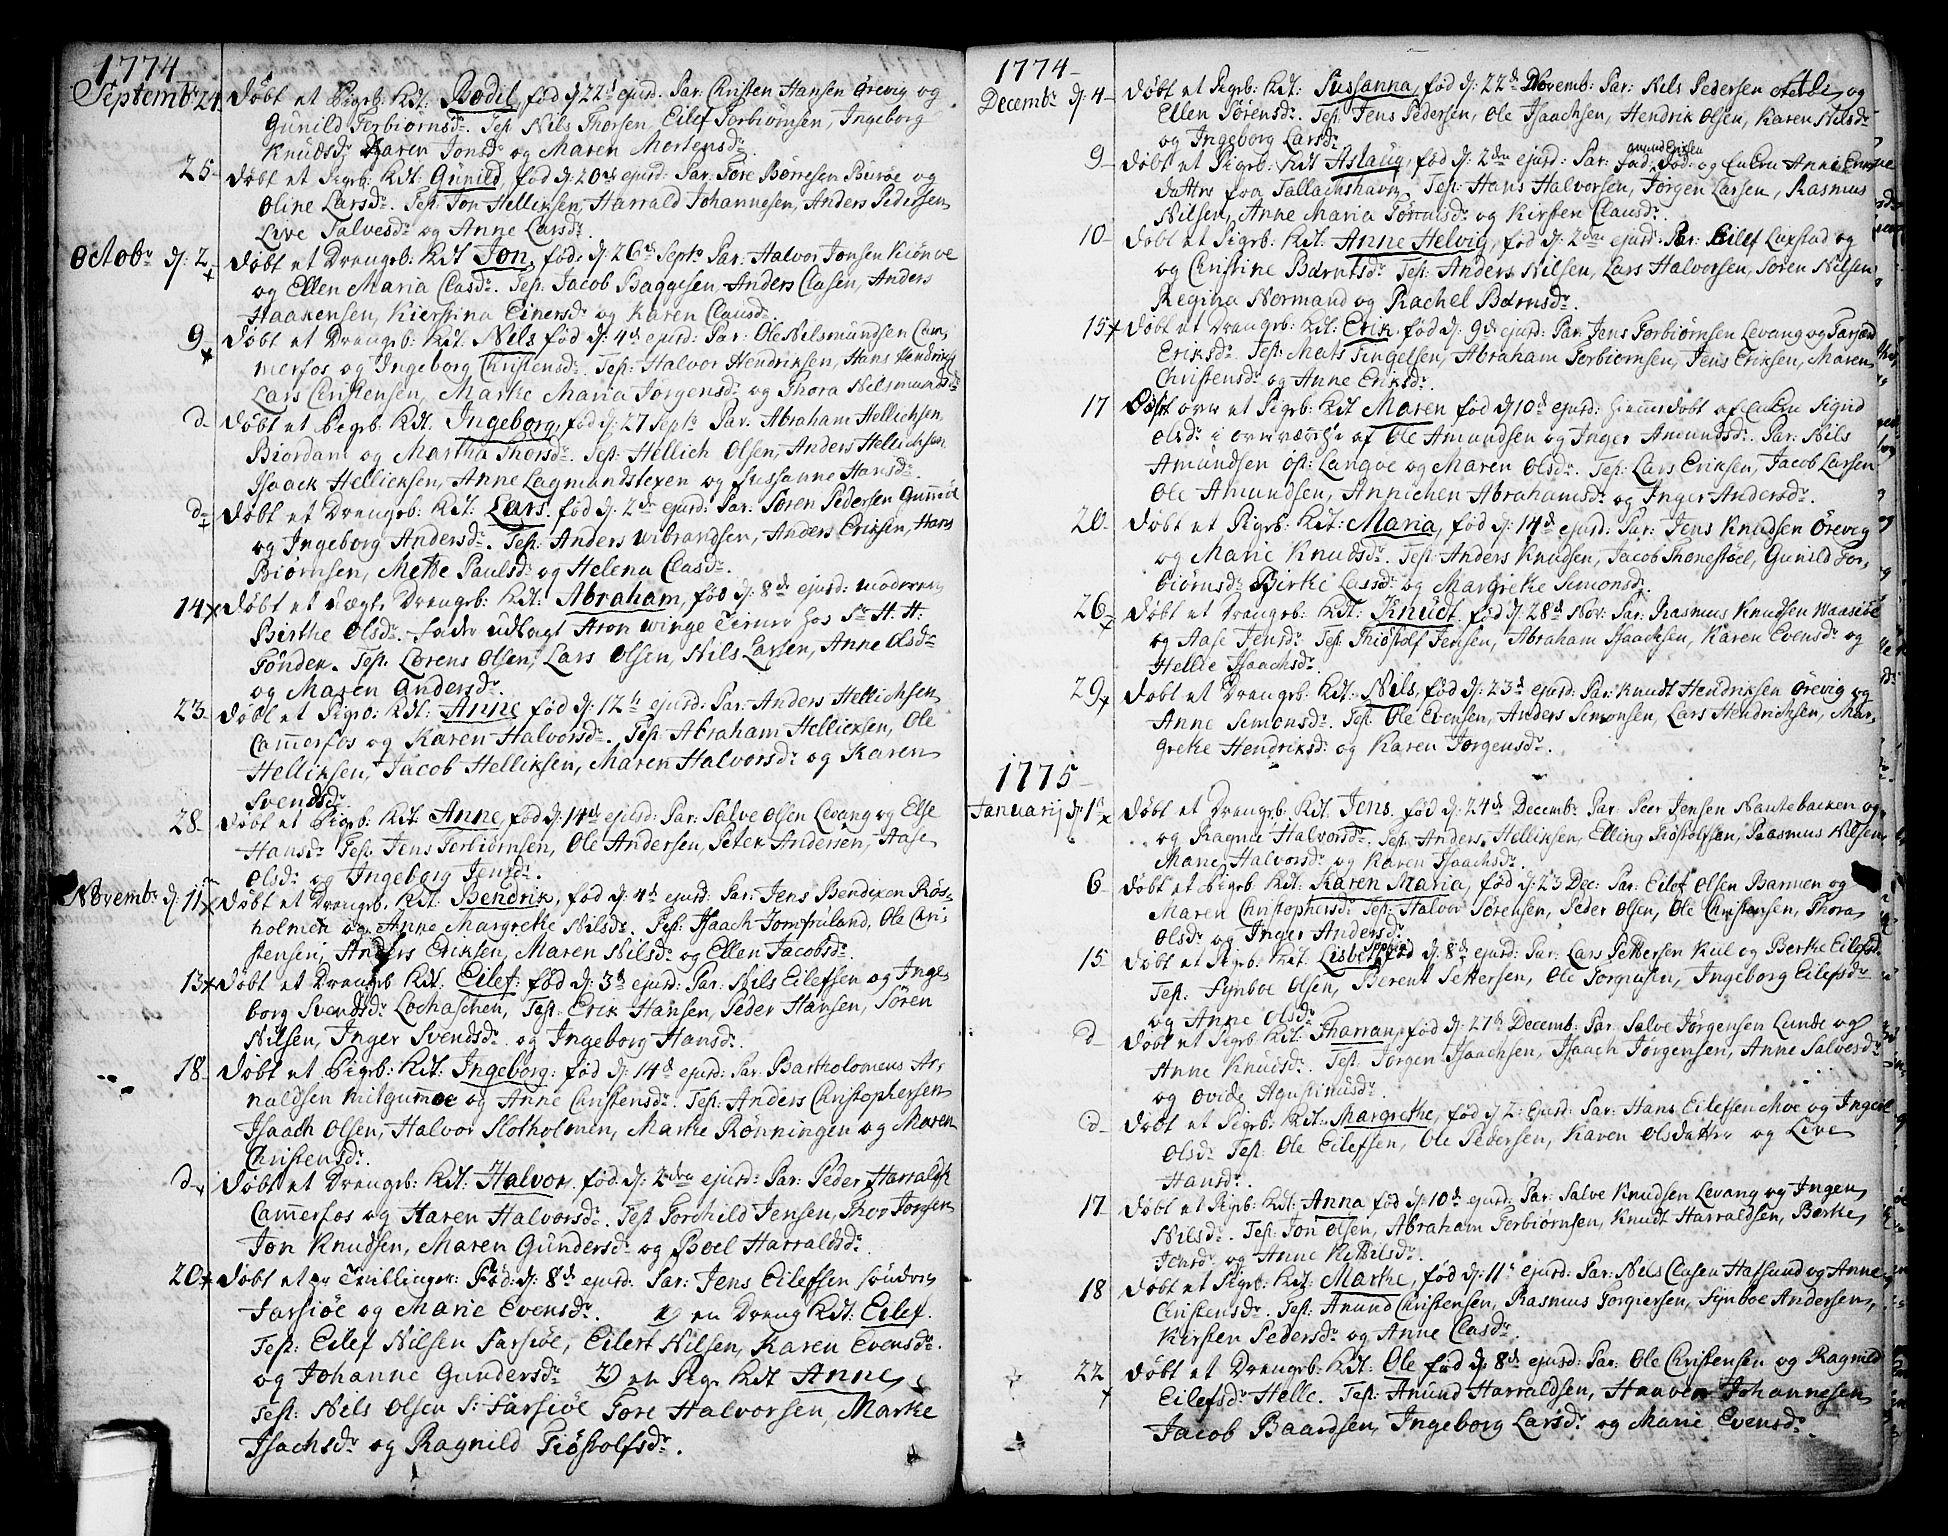 SAKO, Sannidal kirkebøker, F/Fa/L0002: Ministerialbok nr. 2, 1767-1802, s. 40